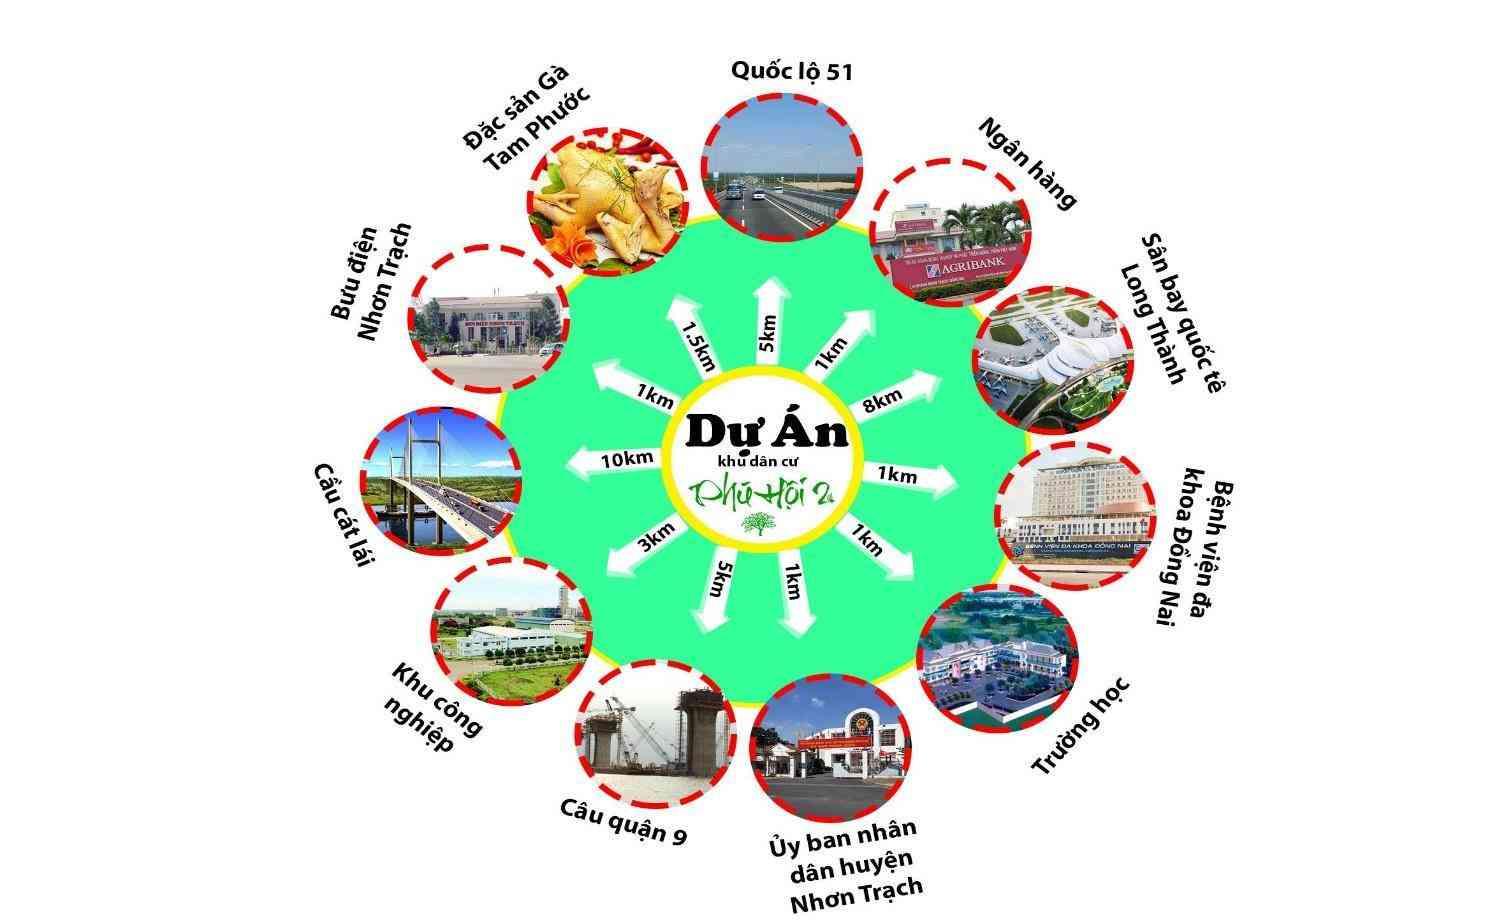 Tiện ích Dự án khu dân cư Phú Hội 2 Nhơn Trạch Đồng Nai